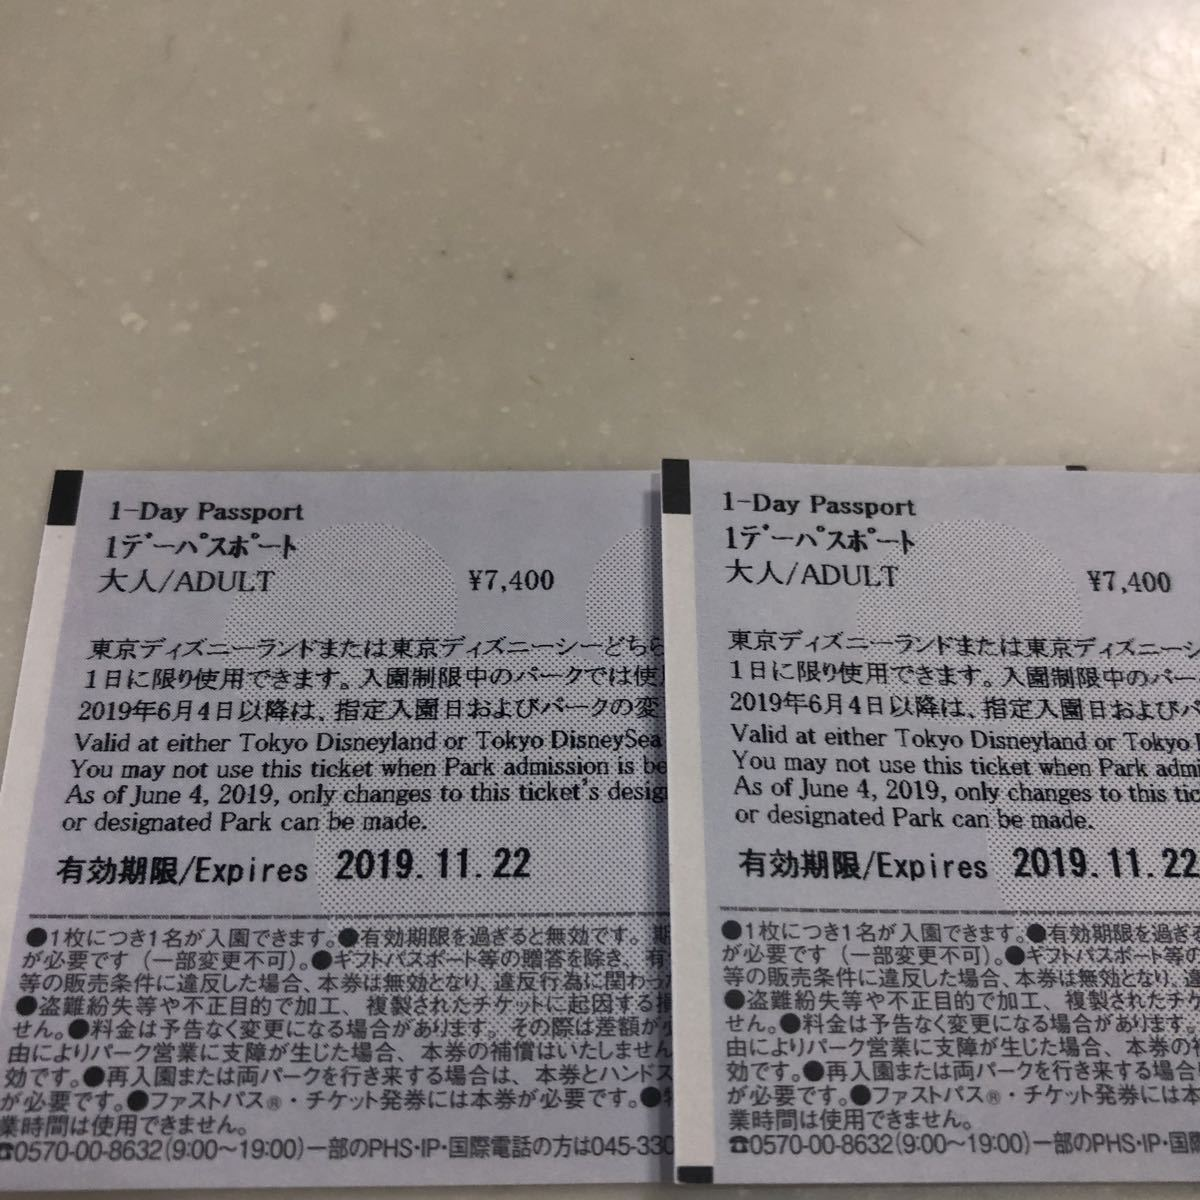 ディズニーランドorシー 1Day Passport_画像2